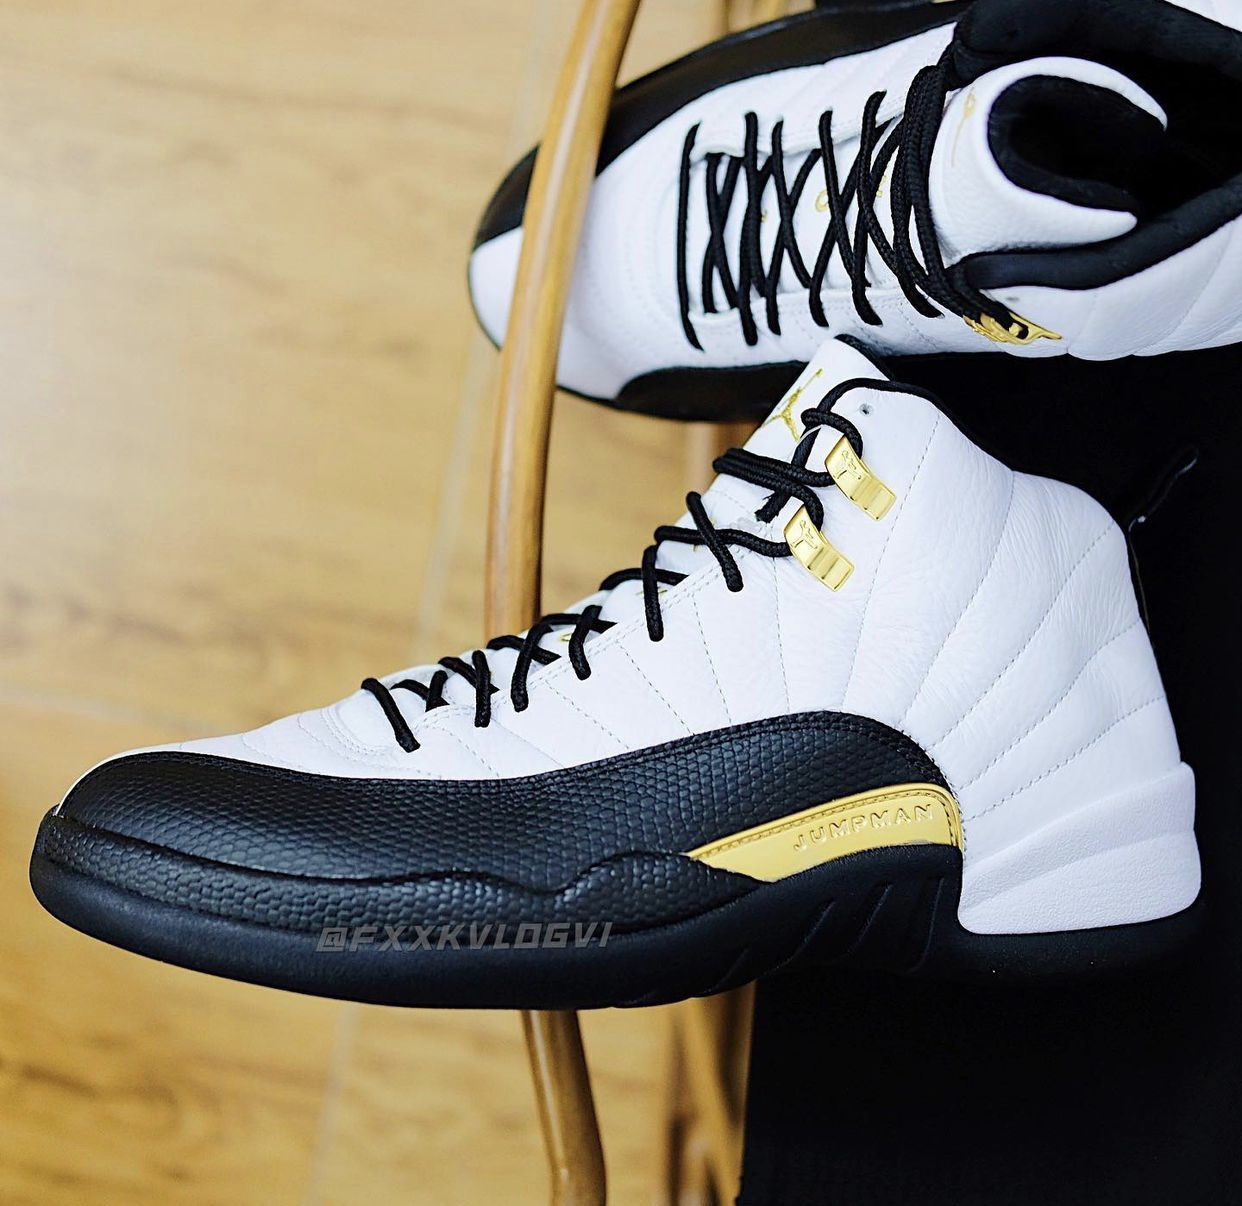 NIKE, Jordan Brand, Jordan, Air Jordan 4, Air Jordan 1, Air Jordan